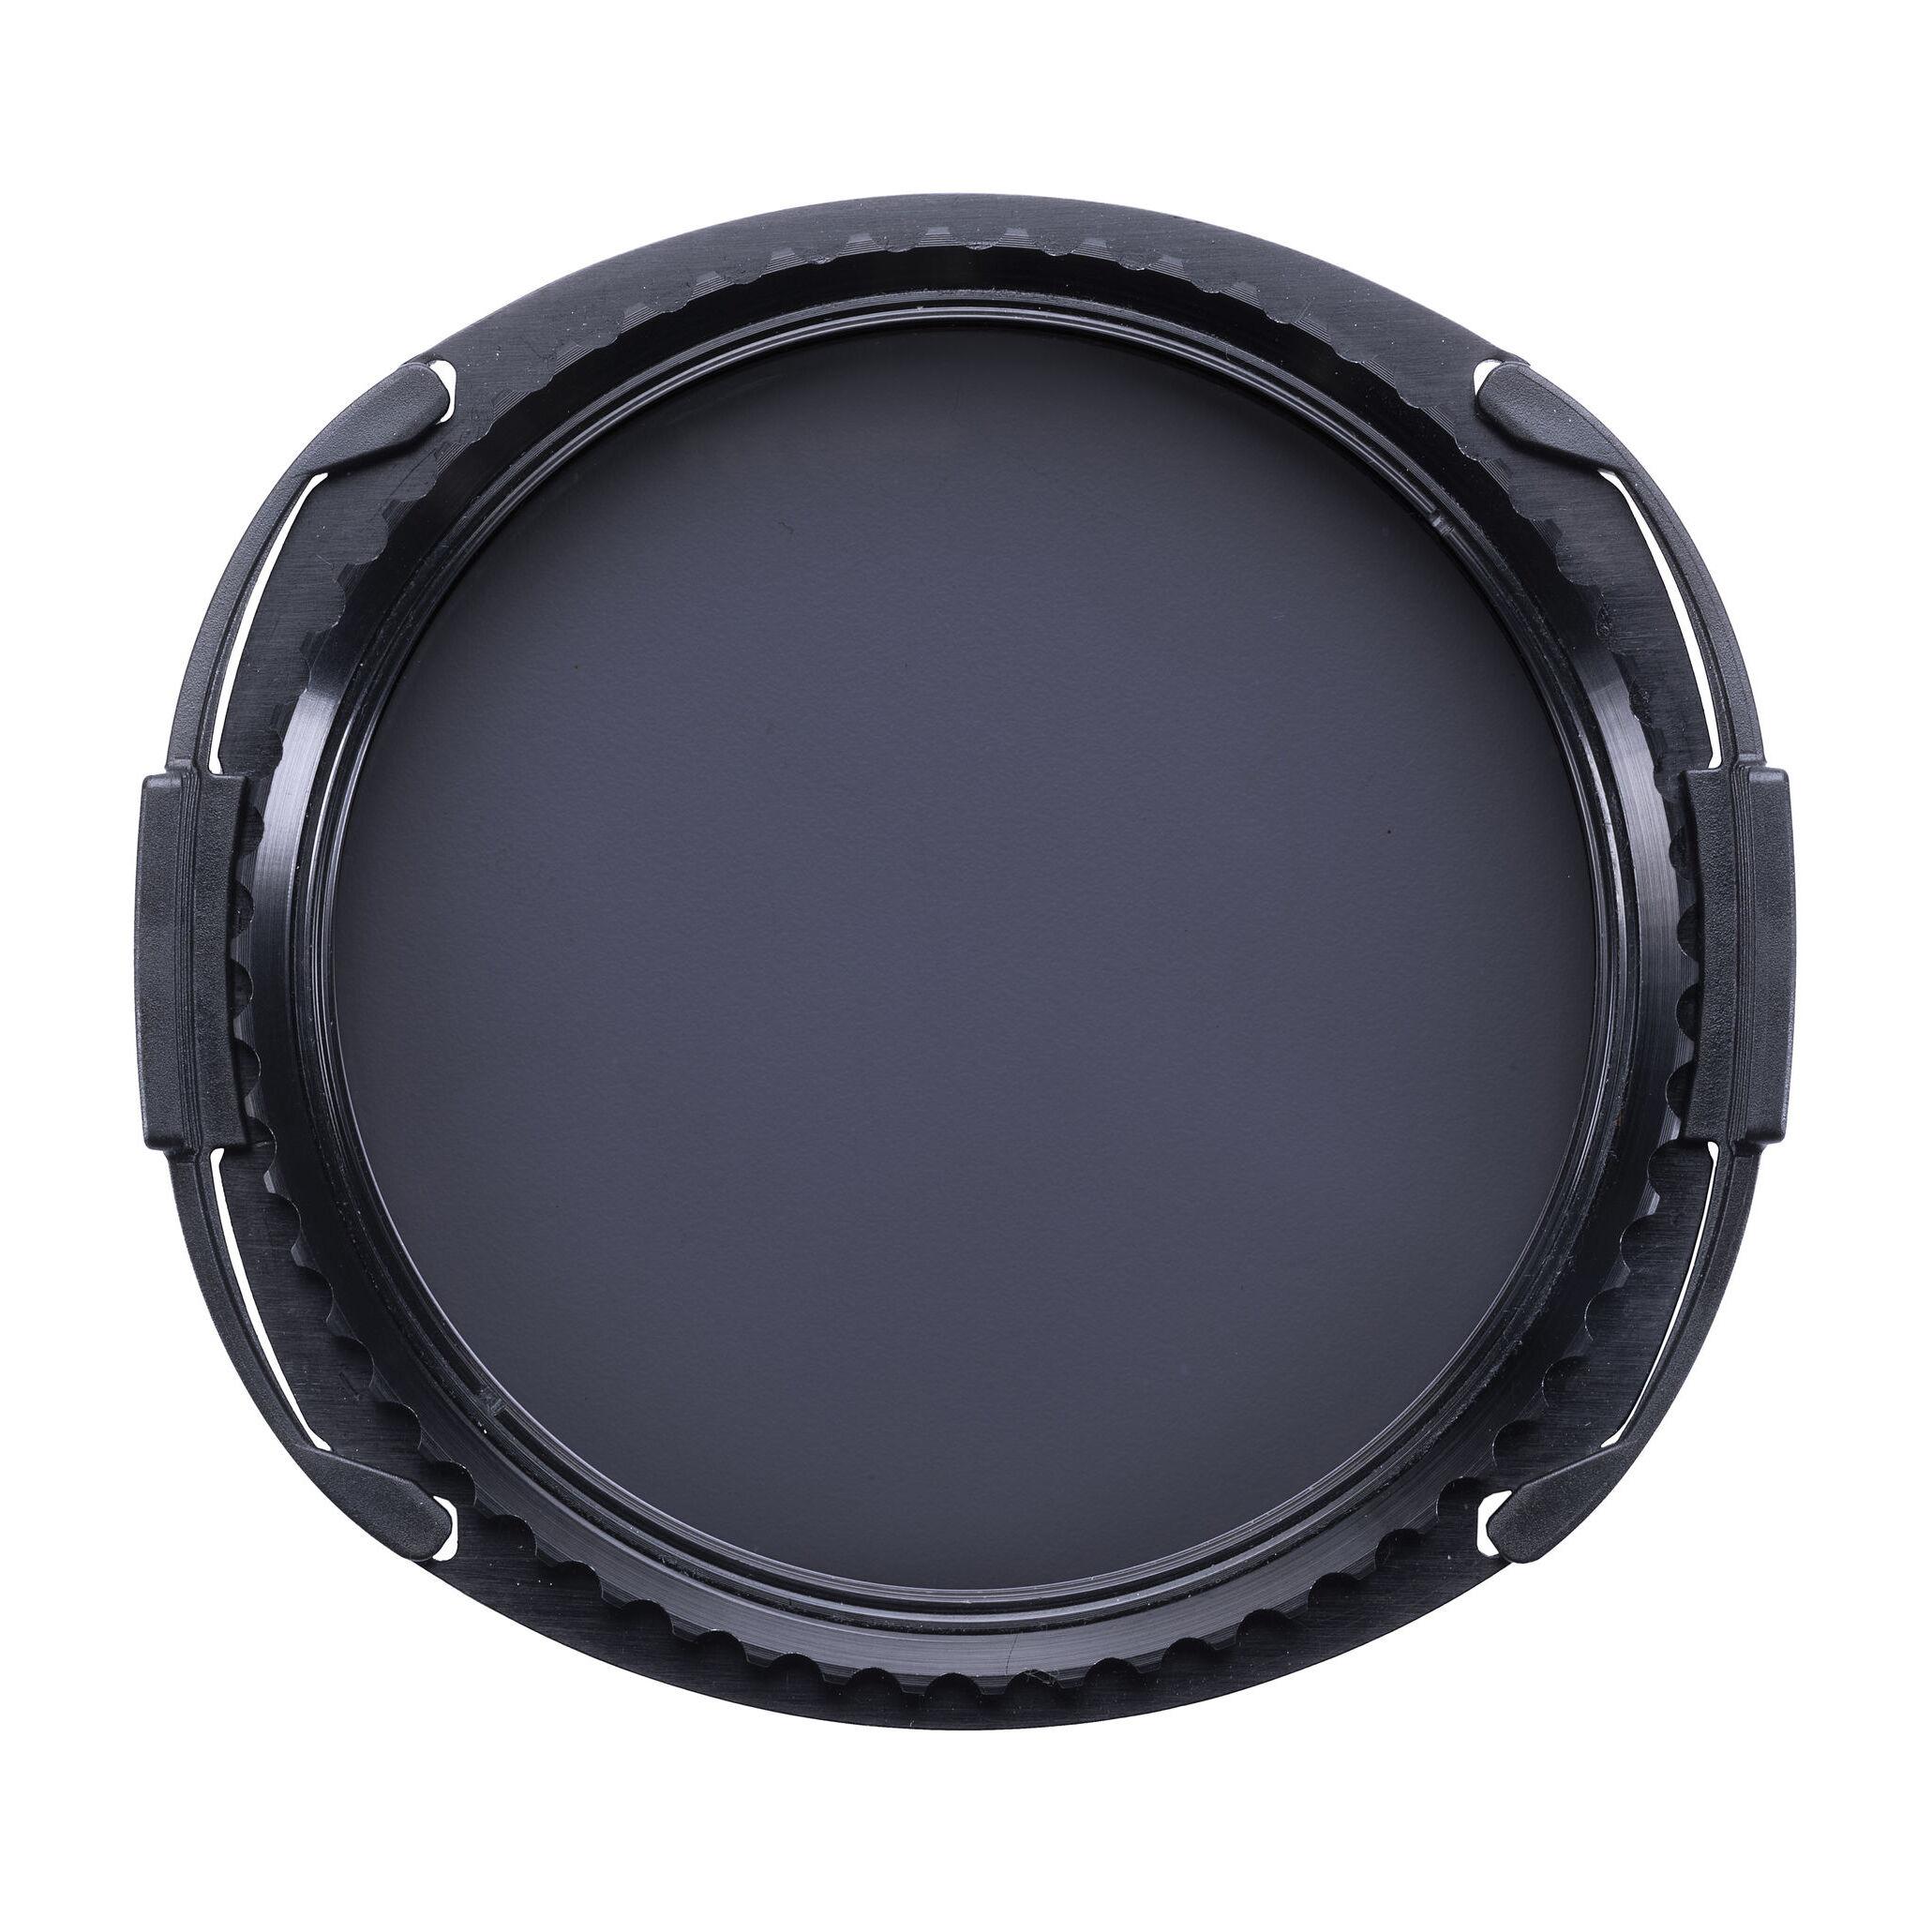 LEE85 ポラライザー(C-PLフィルター)